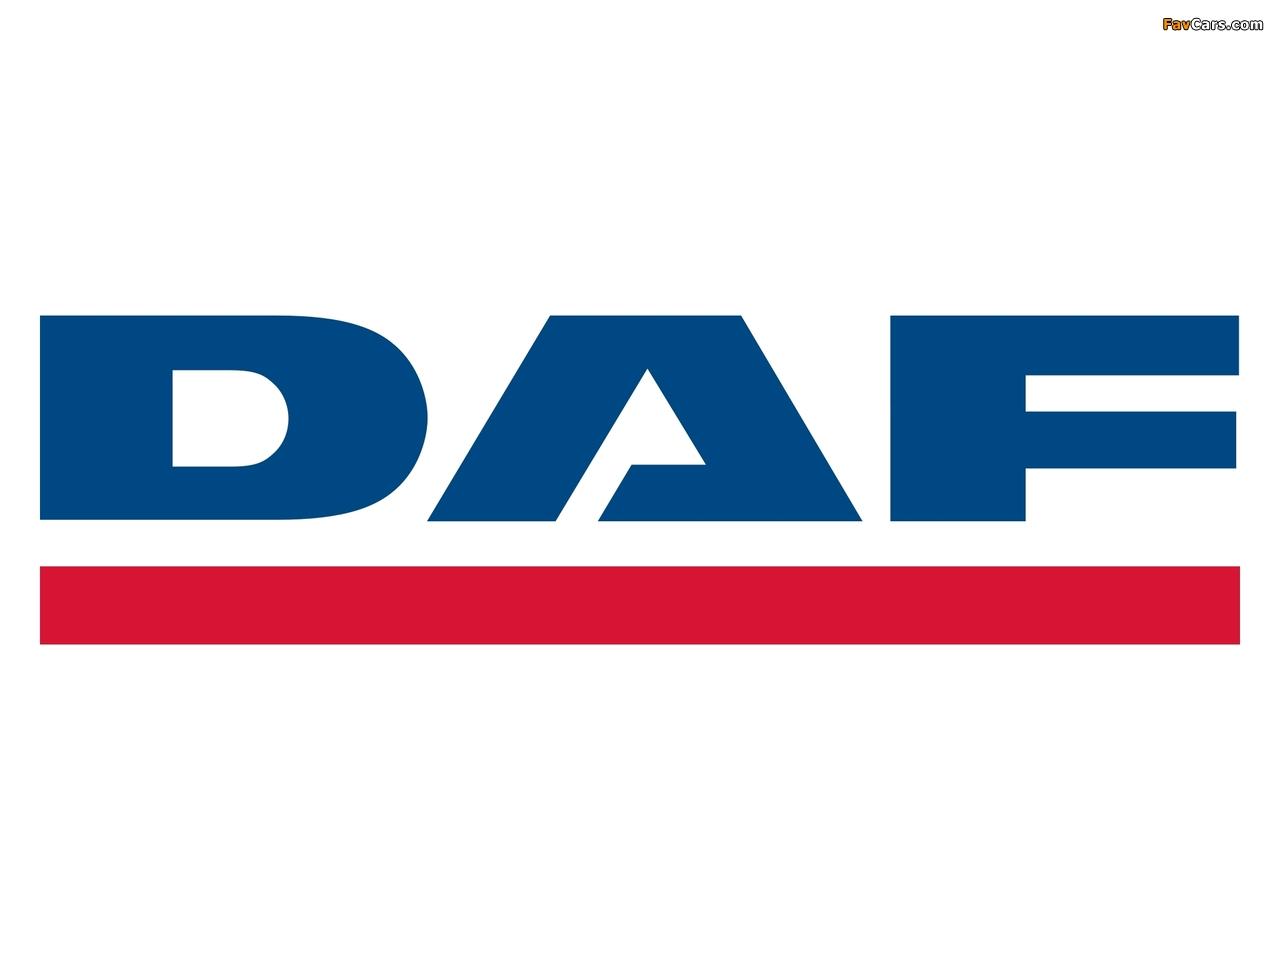 DAF photos (1280 x 960)